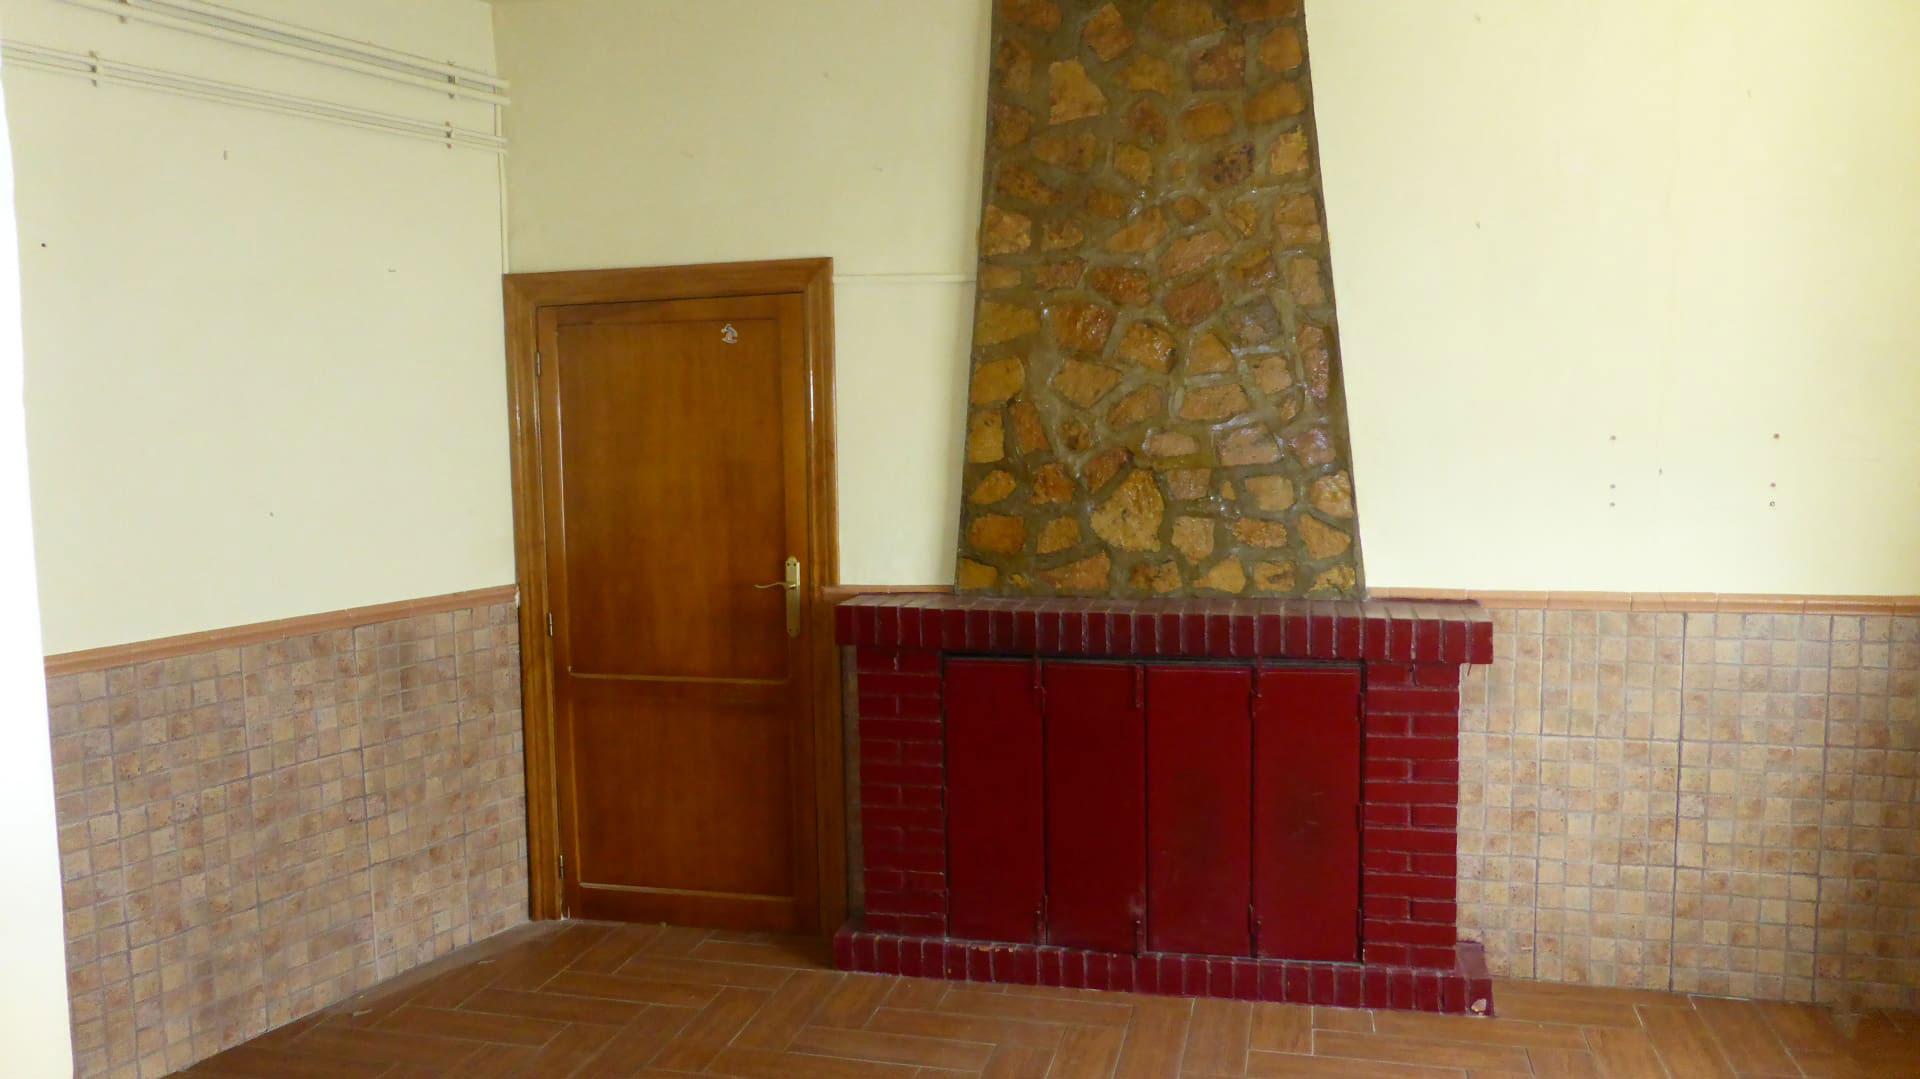 Casa en venta en Casa en Campo de Criptana, Ciudad Real, 116.811 €, 4 habitaciones, 2 baños, 269 m2, Garaje